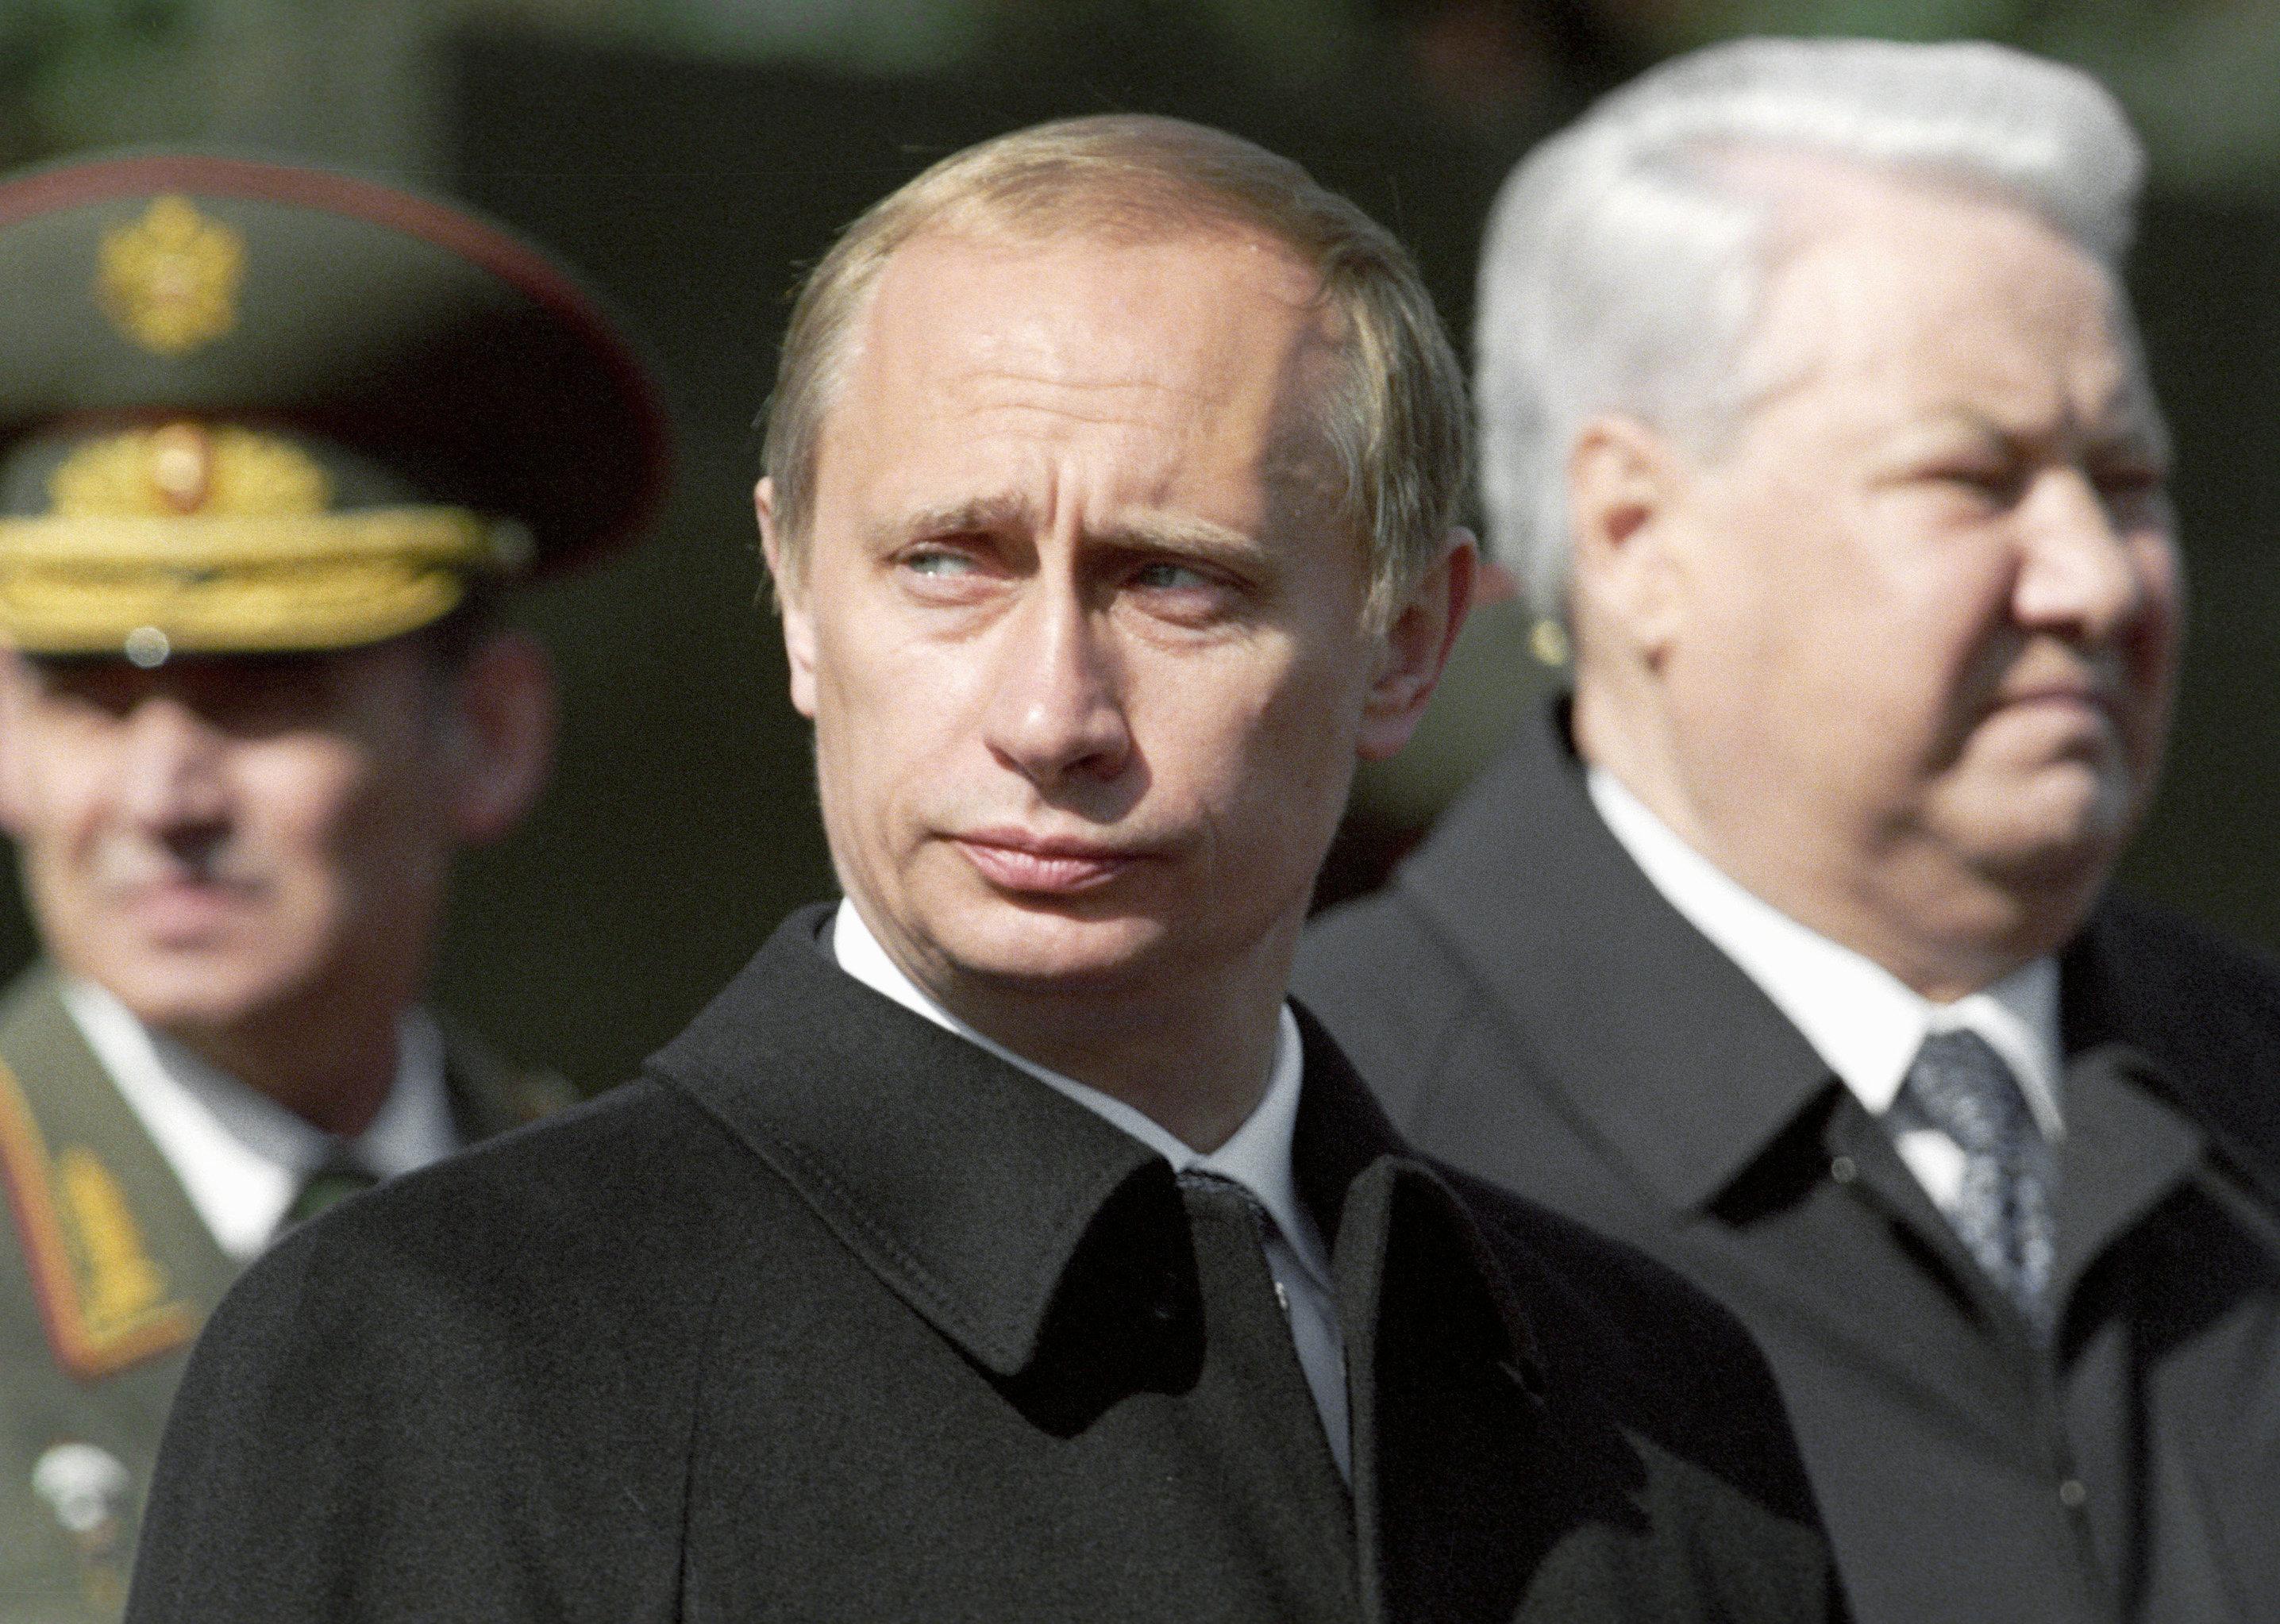 «Меньше знаешь — крепче спишь»: процесс становления диктатуры в России